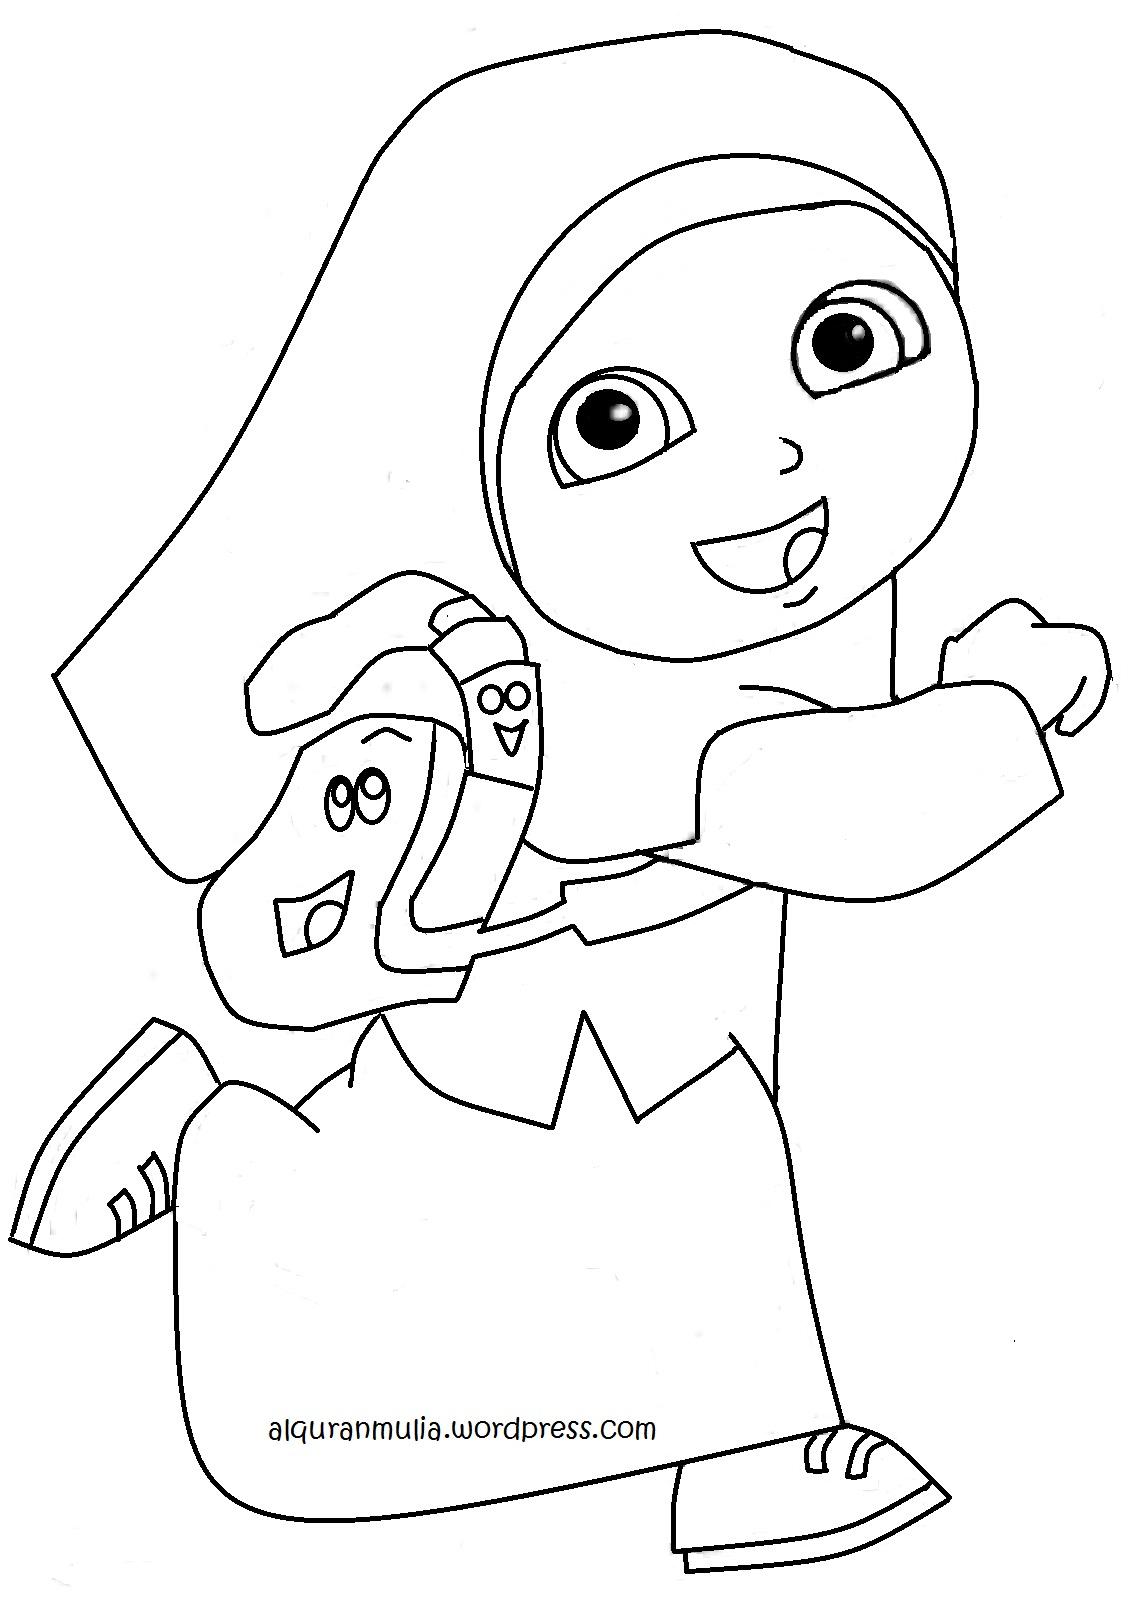 Mewarnai Gambar Dora Anak Muslimah Alqur Anmulia